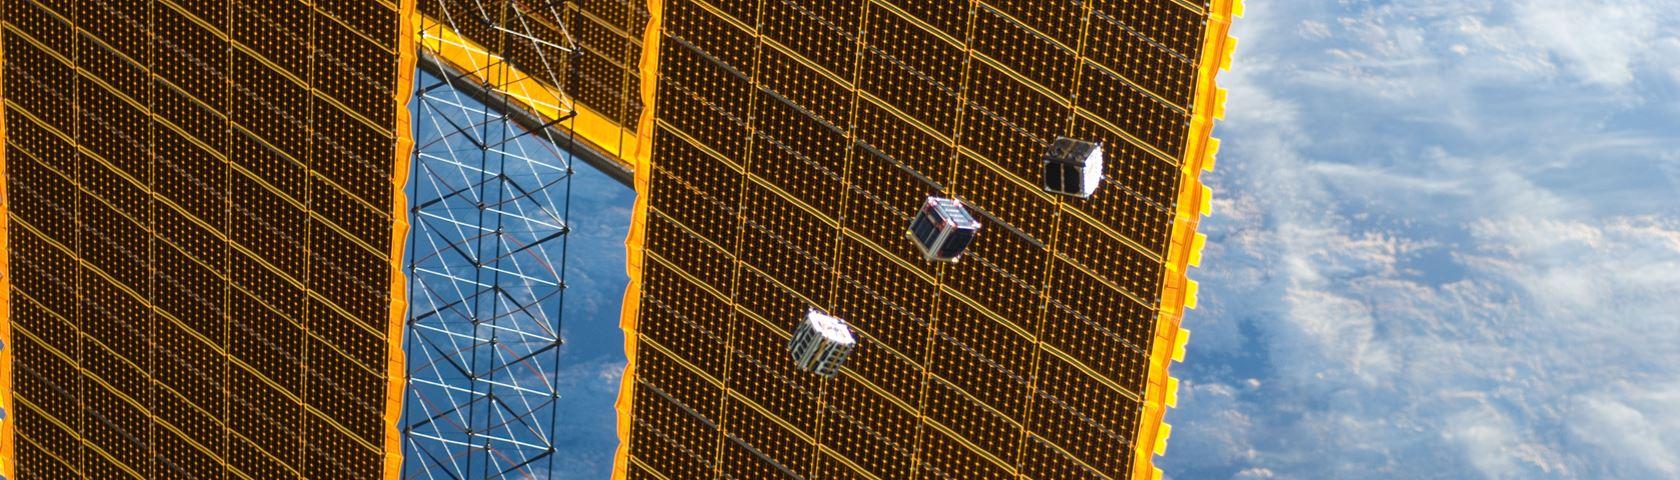 First Cubesat Deployment